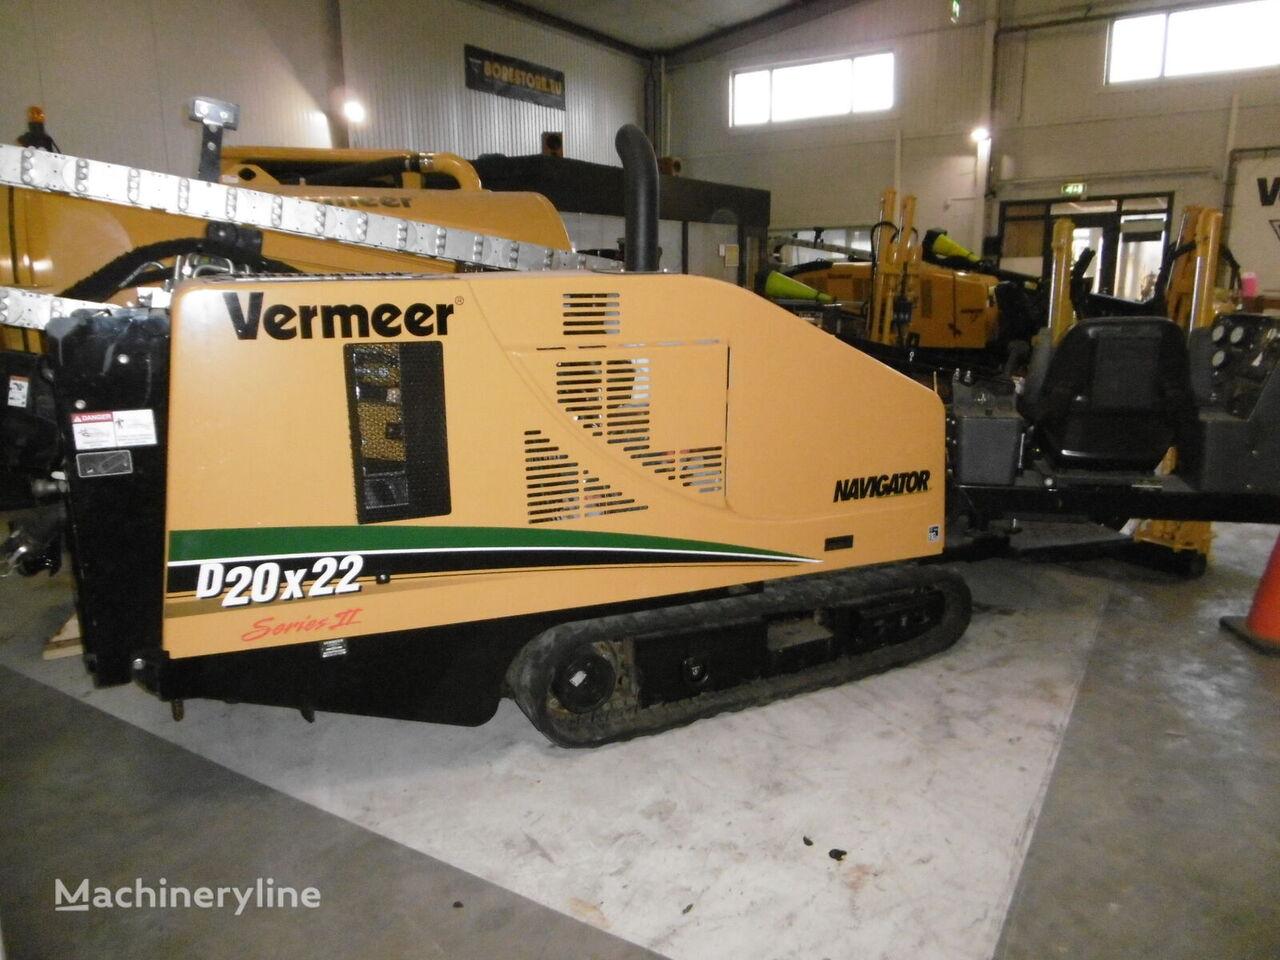 VERMEER  D20x22 Series II horizontal drilling rig